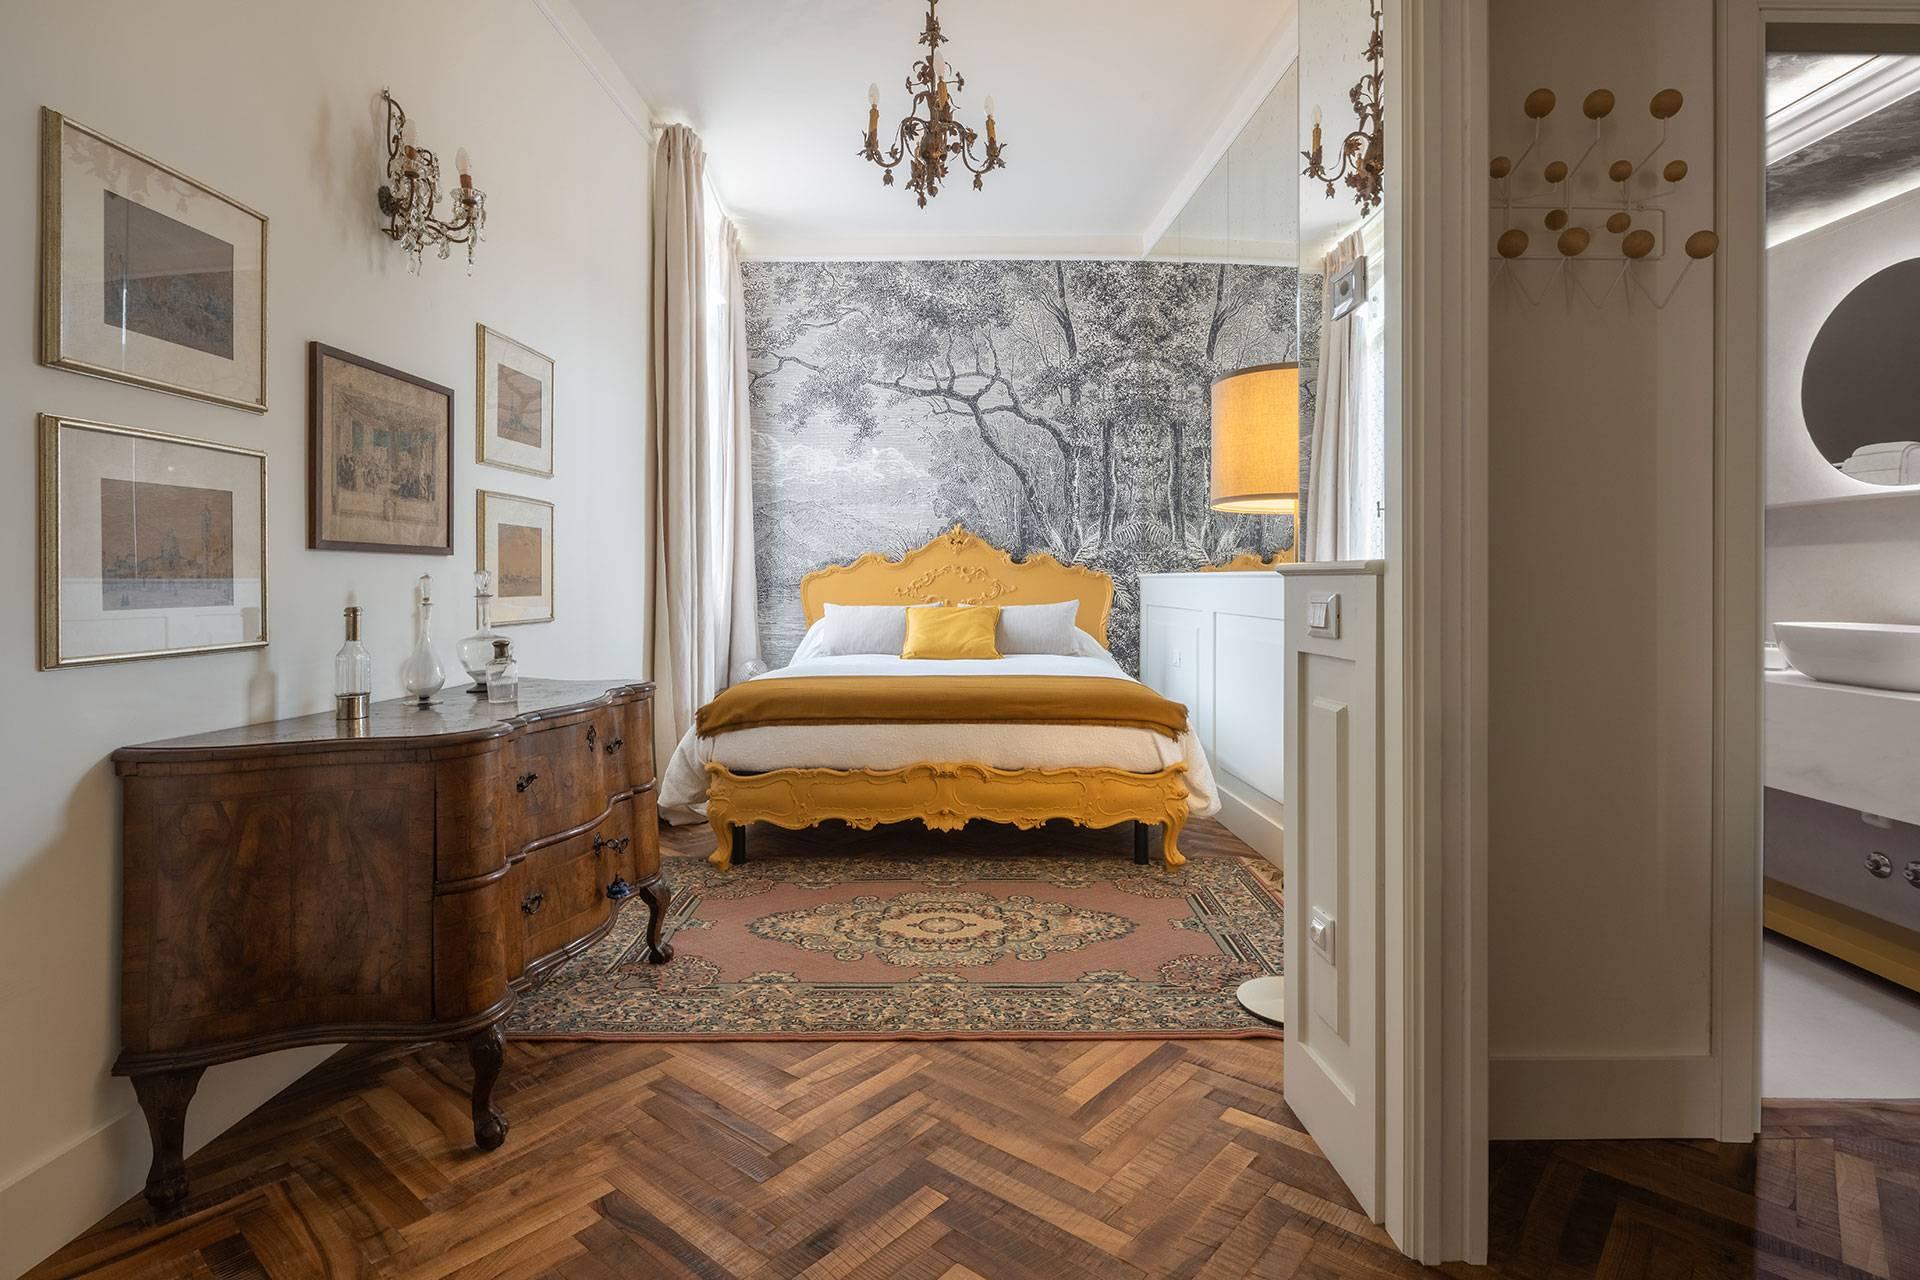 3th floor: smaller bedroom